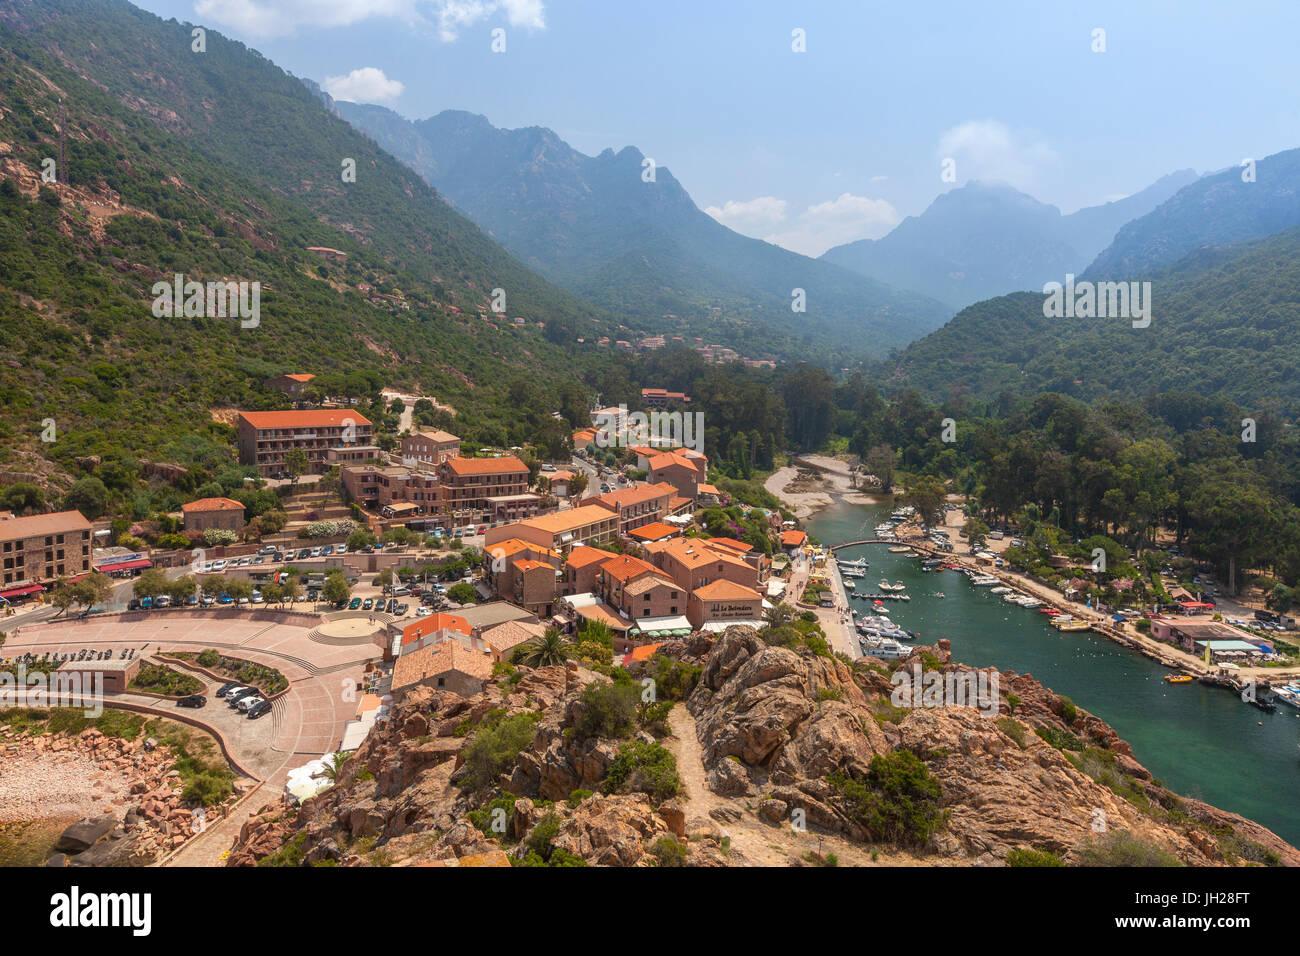 Das typische Dorf und Hafen von Porto eingetaucht in das Grün der Vegetation des Vorgebirges, Korsika, Südfrankreich Stockfoto